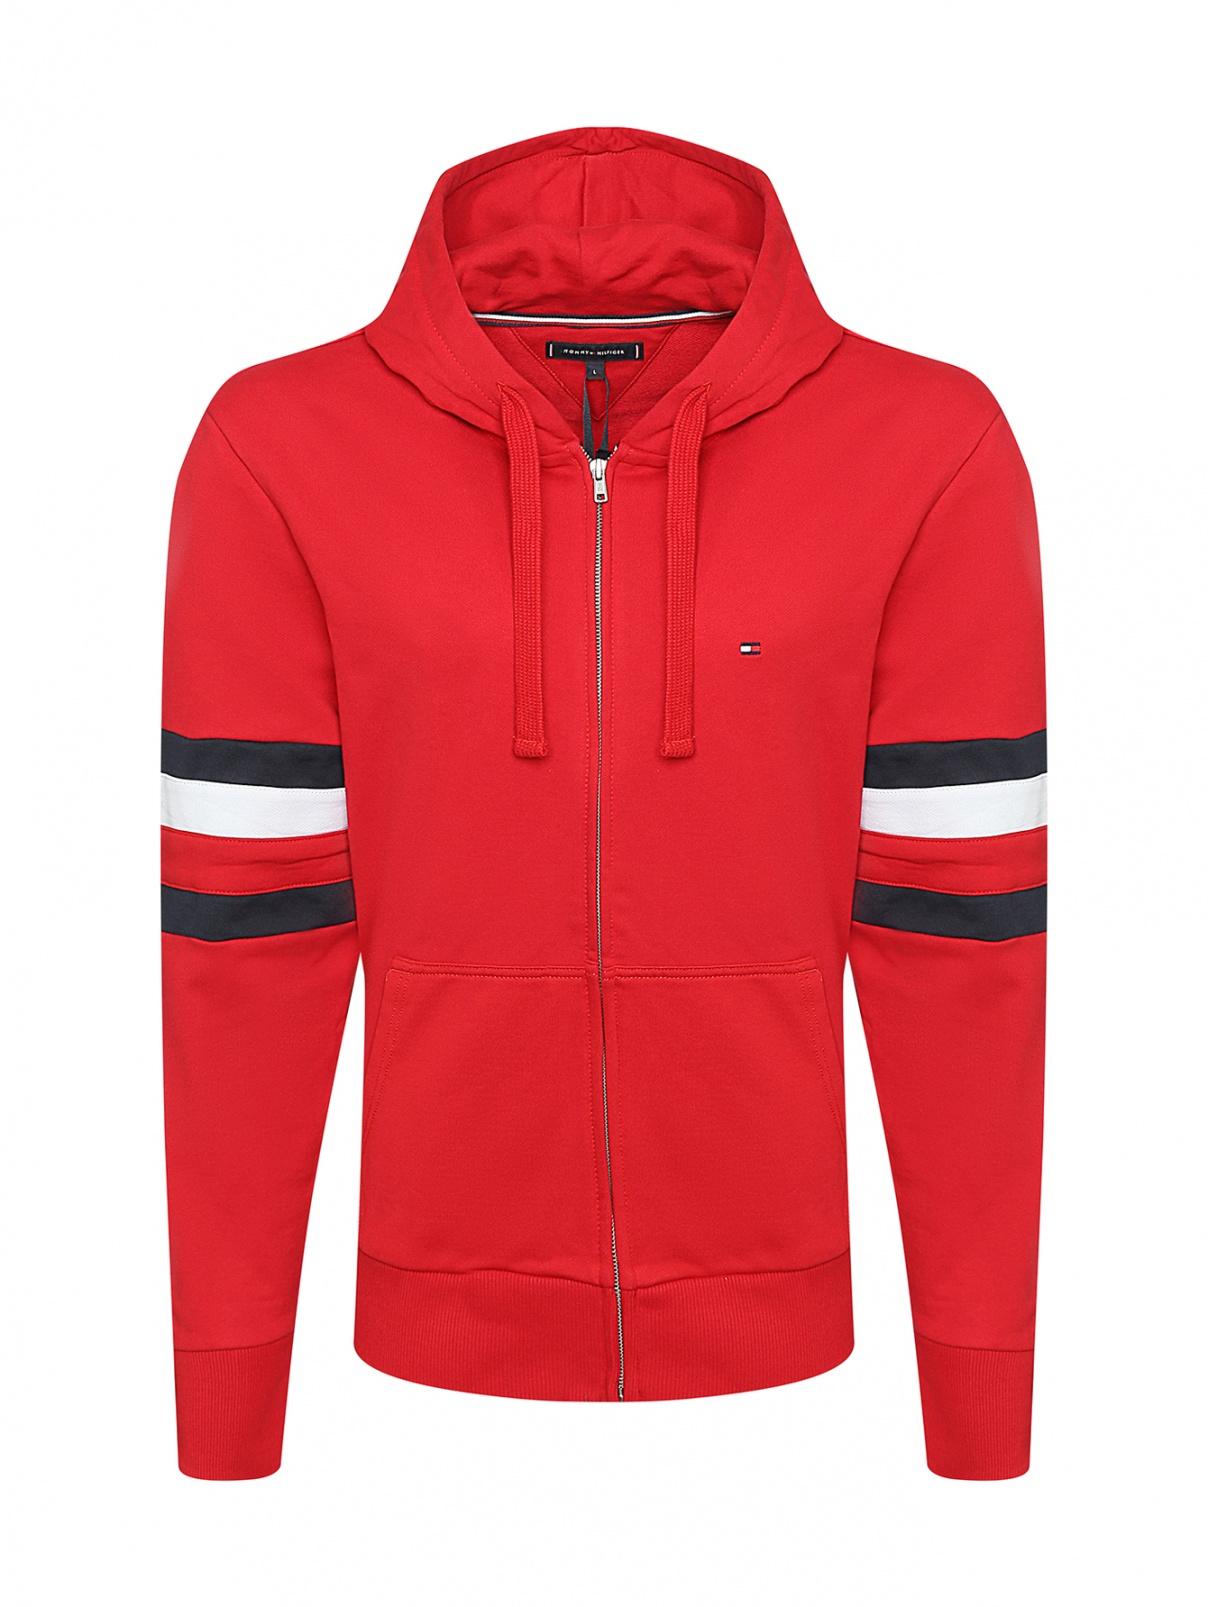 Толстовка на молнии с капюшоном Tommy Hilfiger  –  Общий вид  – Цвет:  Красный